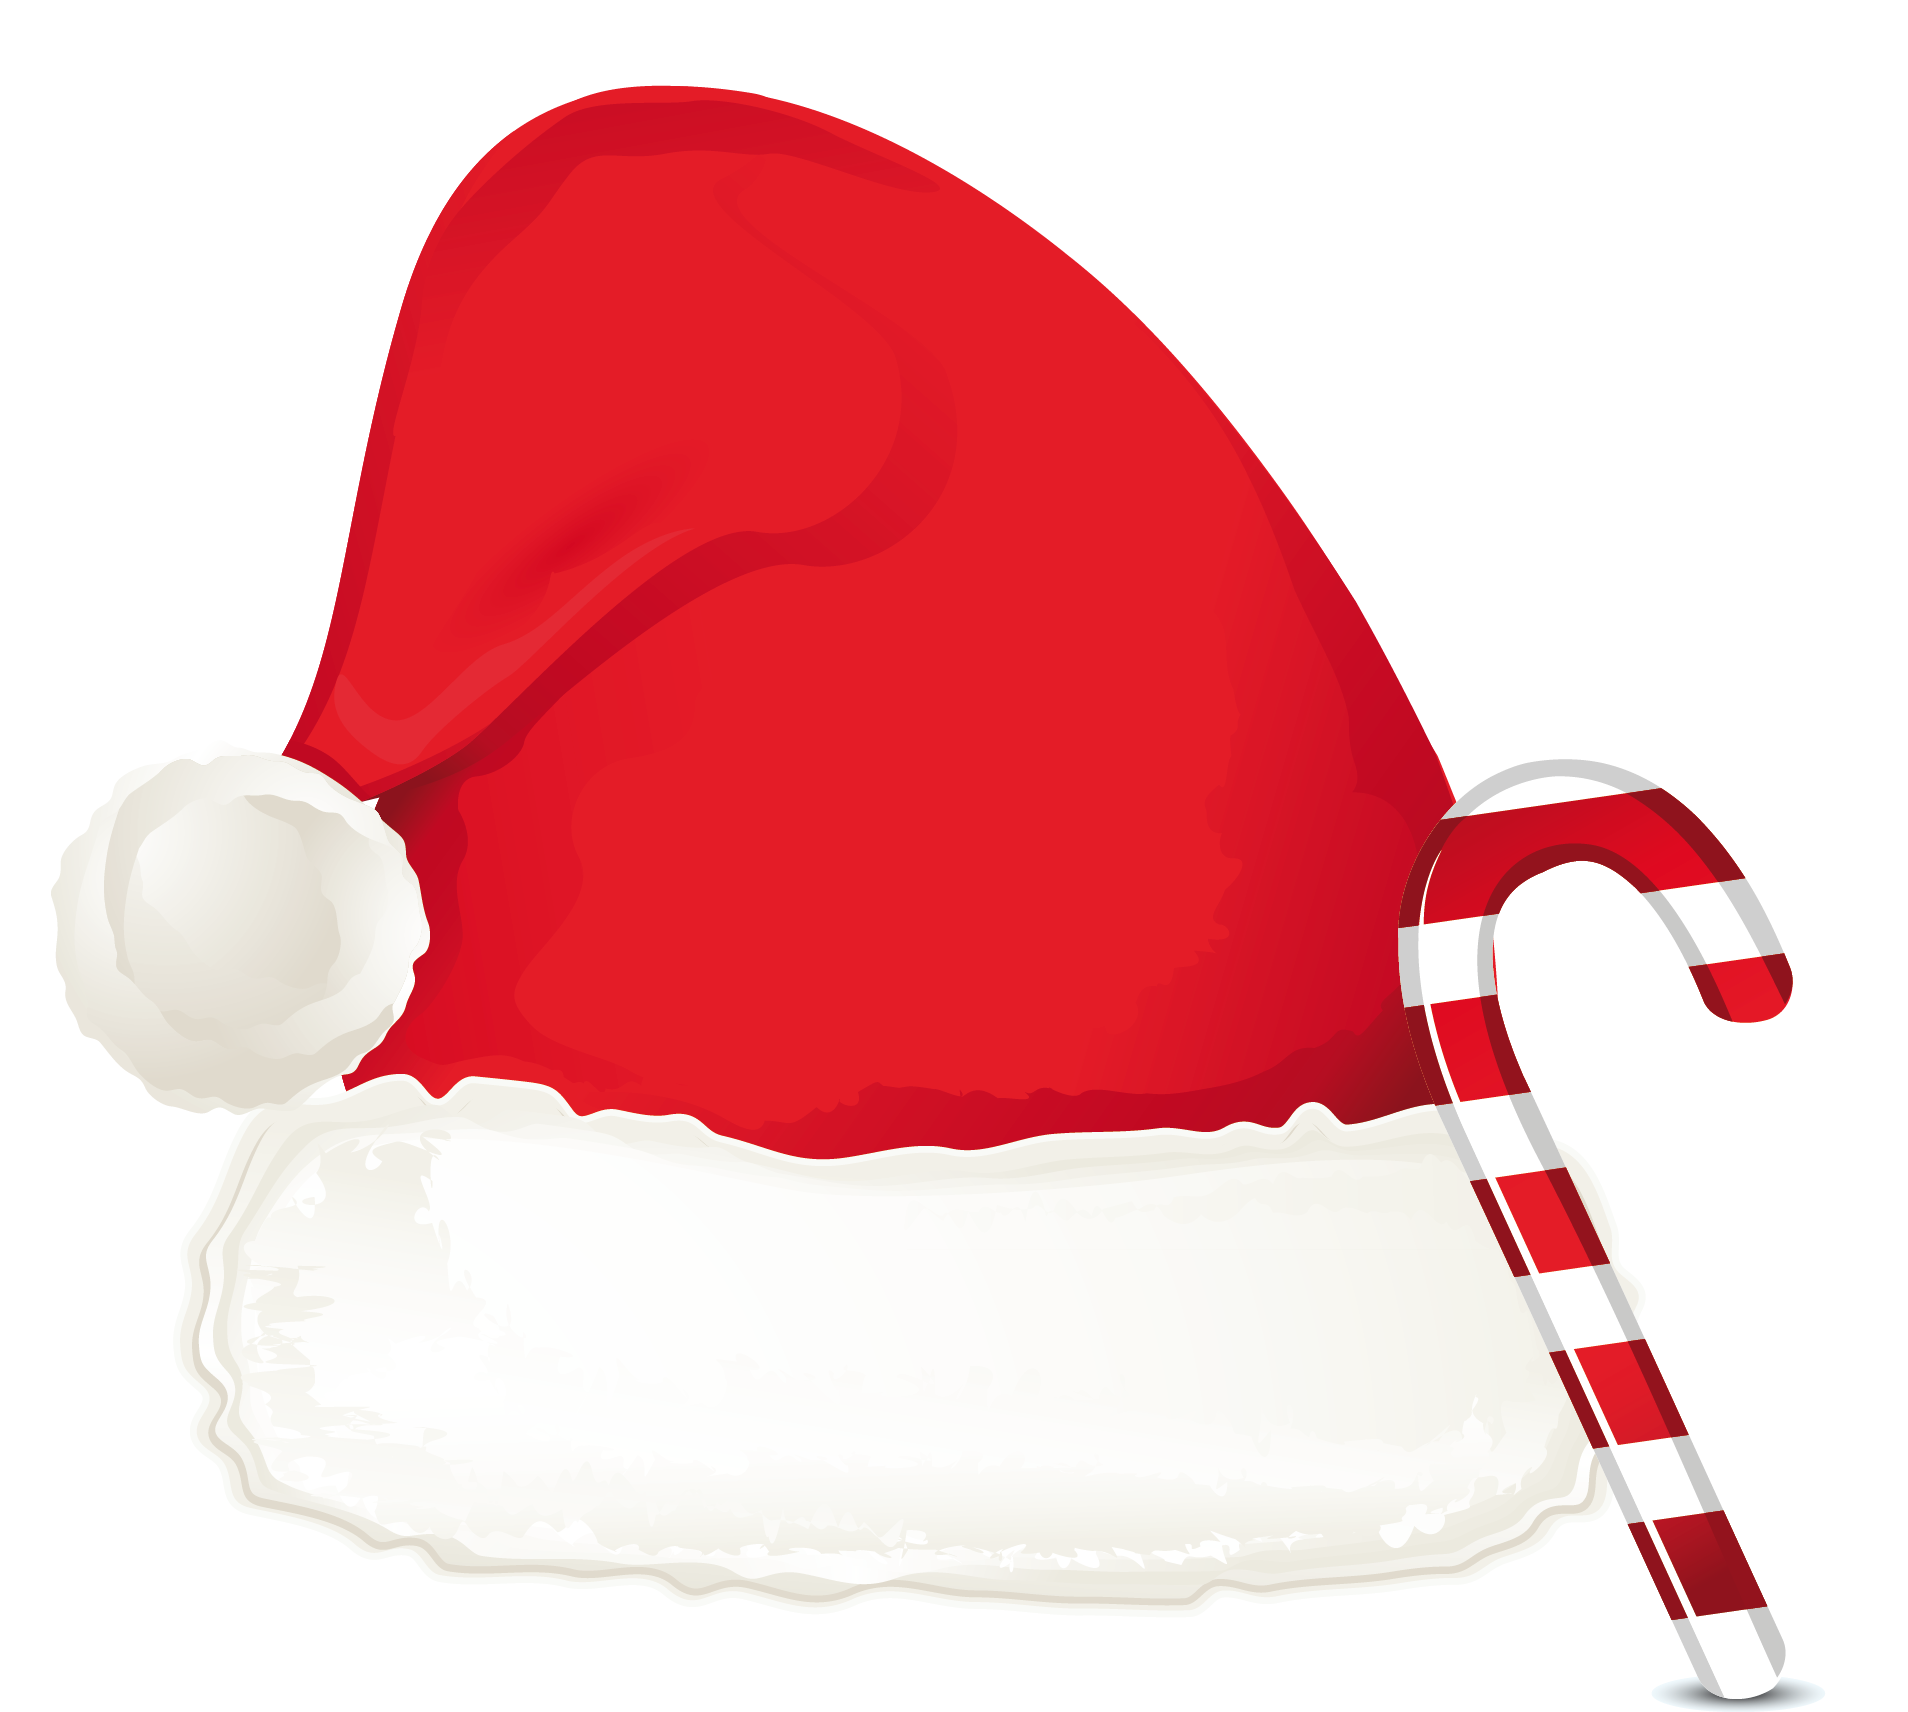 1908x1712 Santa Coat Clipart Transparent Background Amp Santa Coat Clip Art